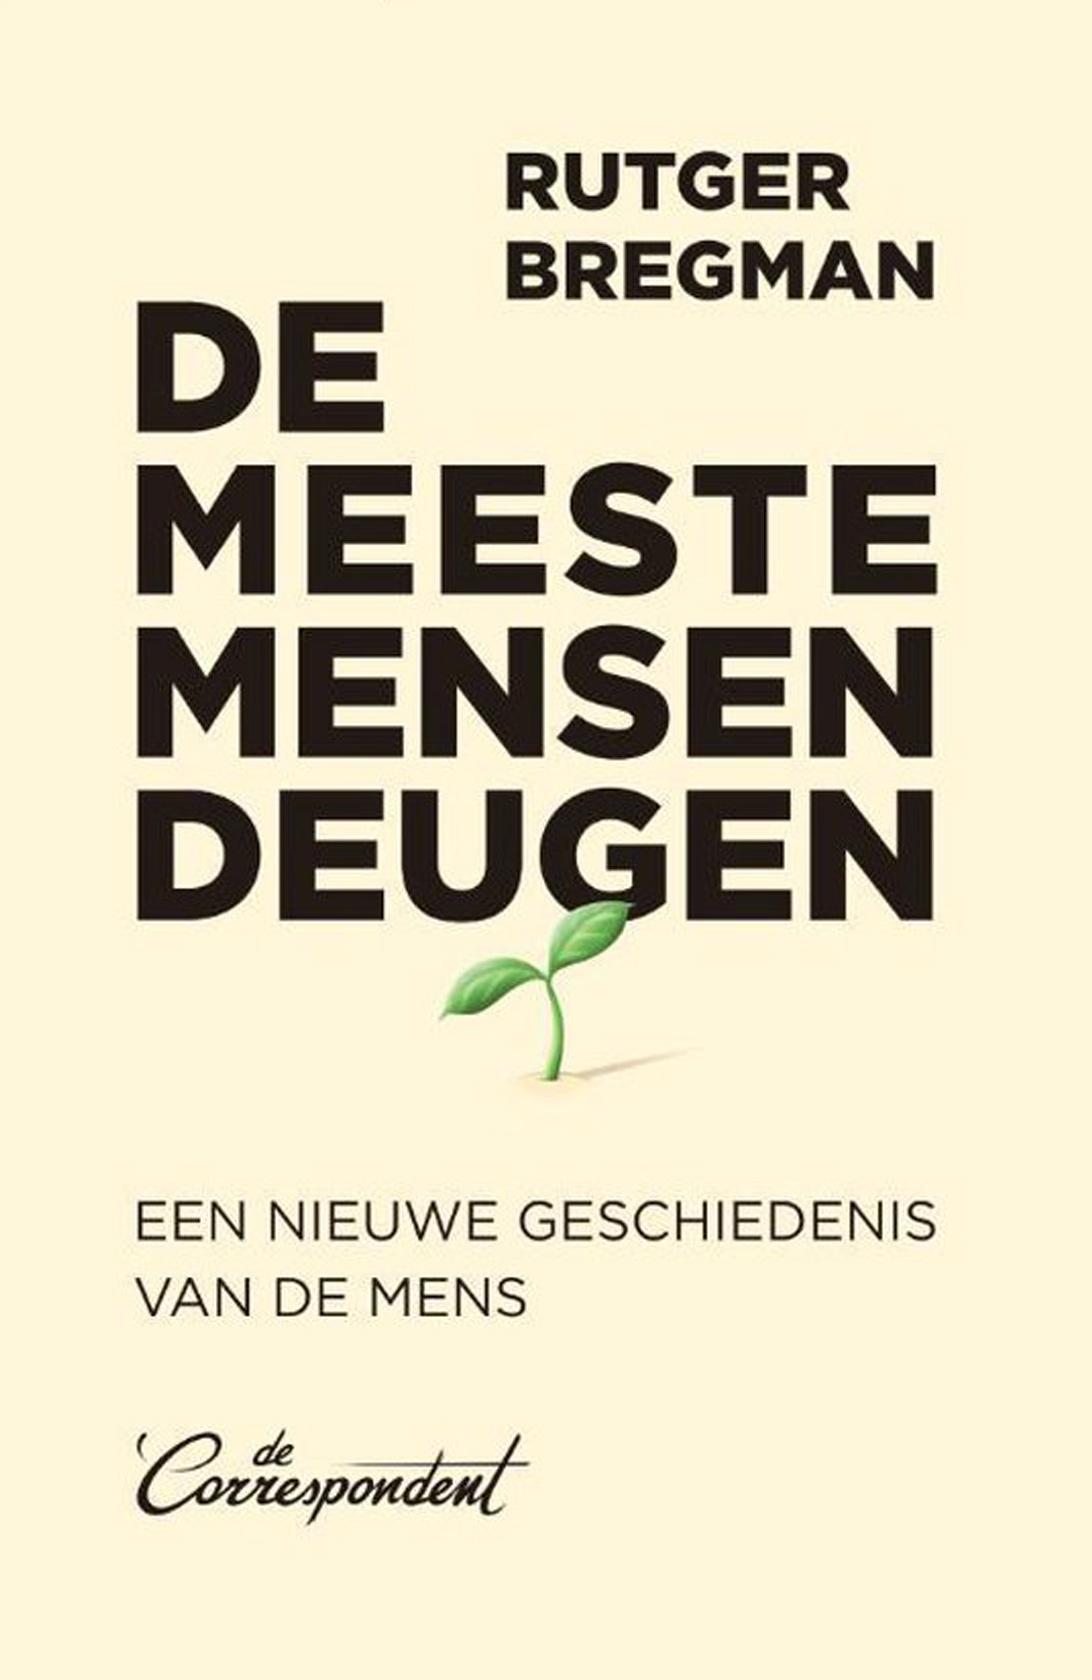 De meeste mensen deugen - boekenflits.nl